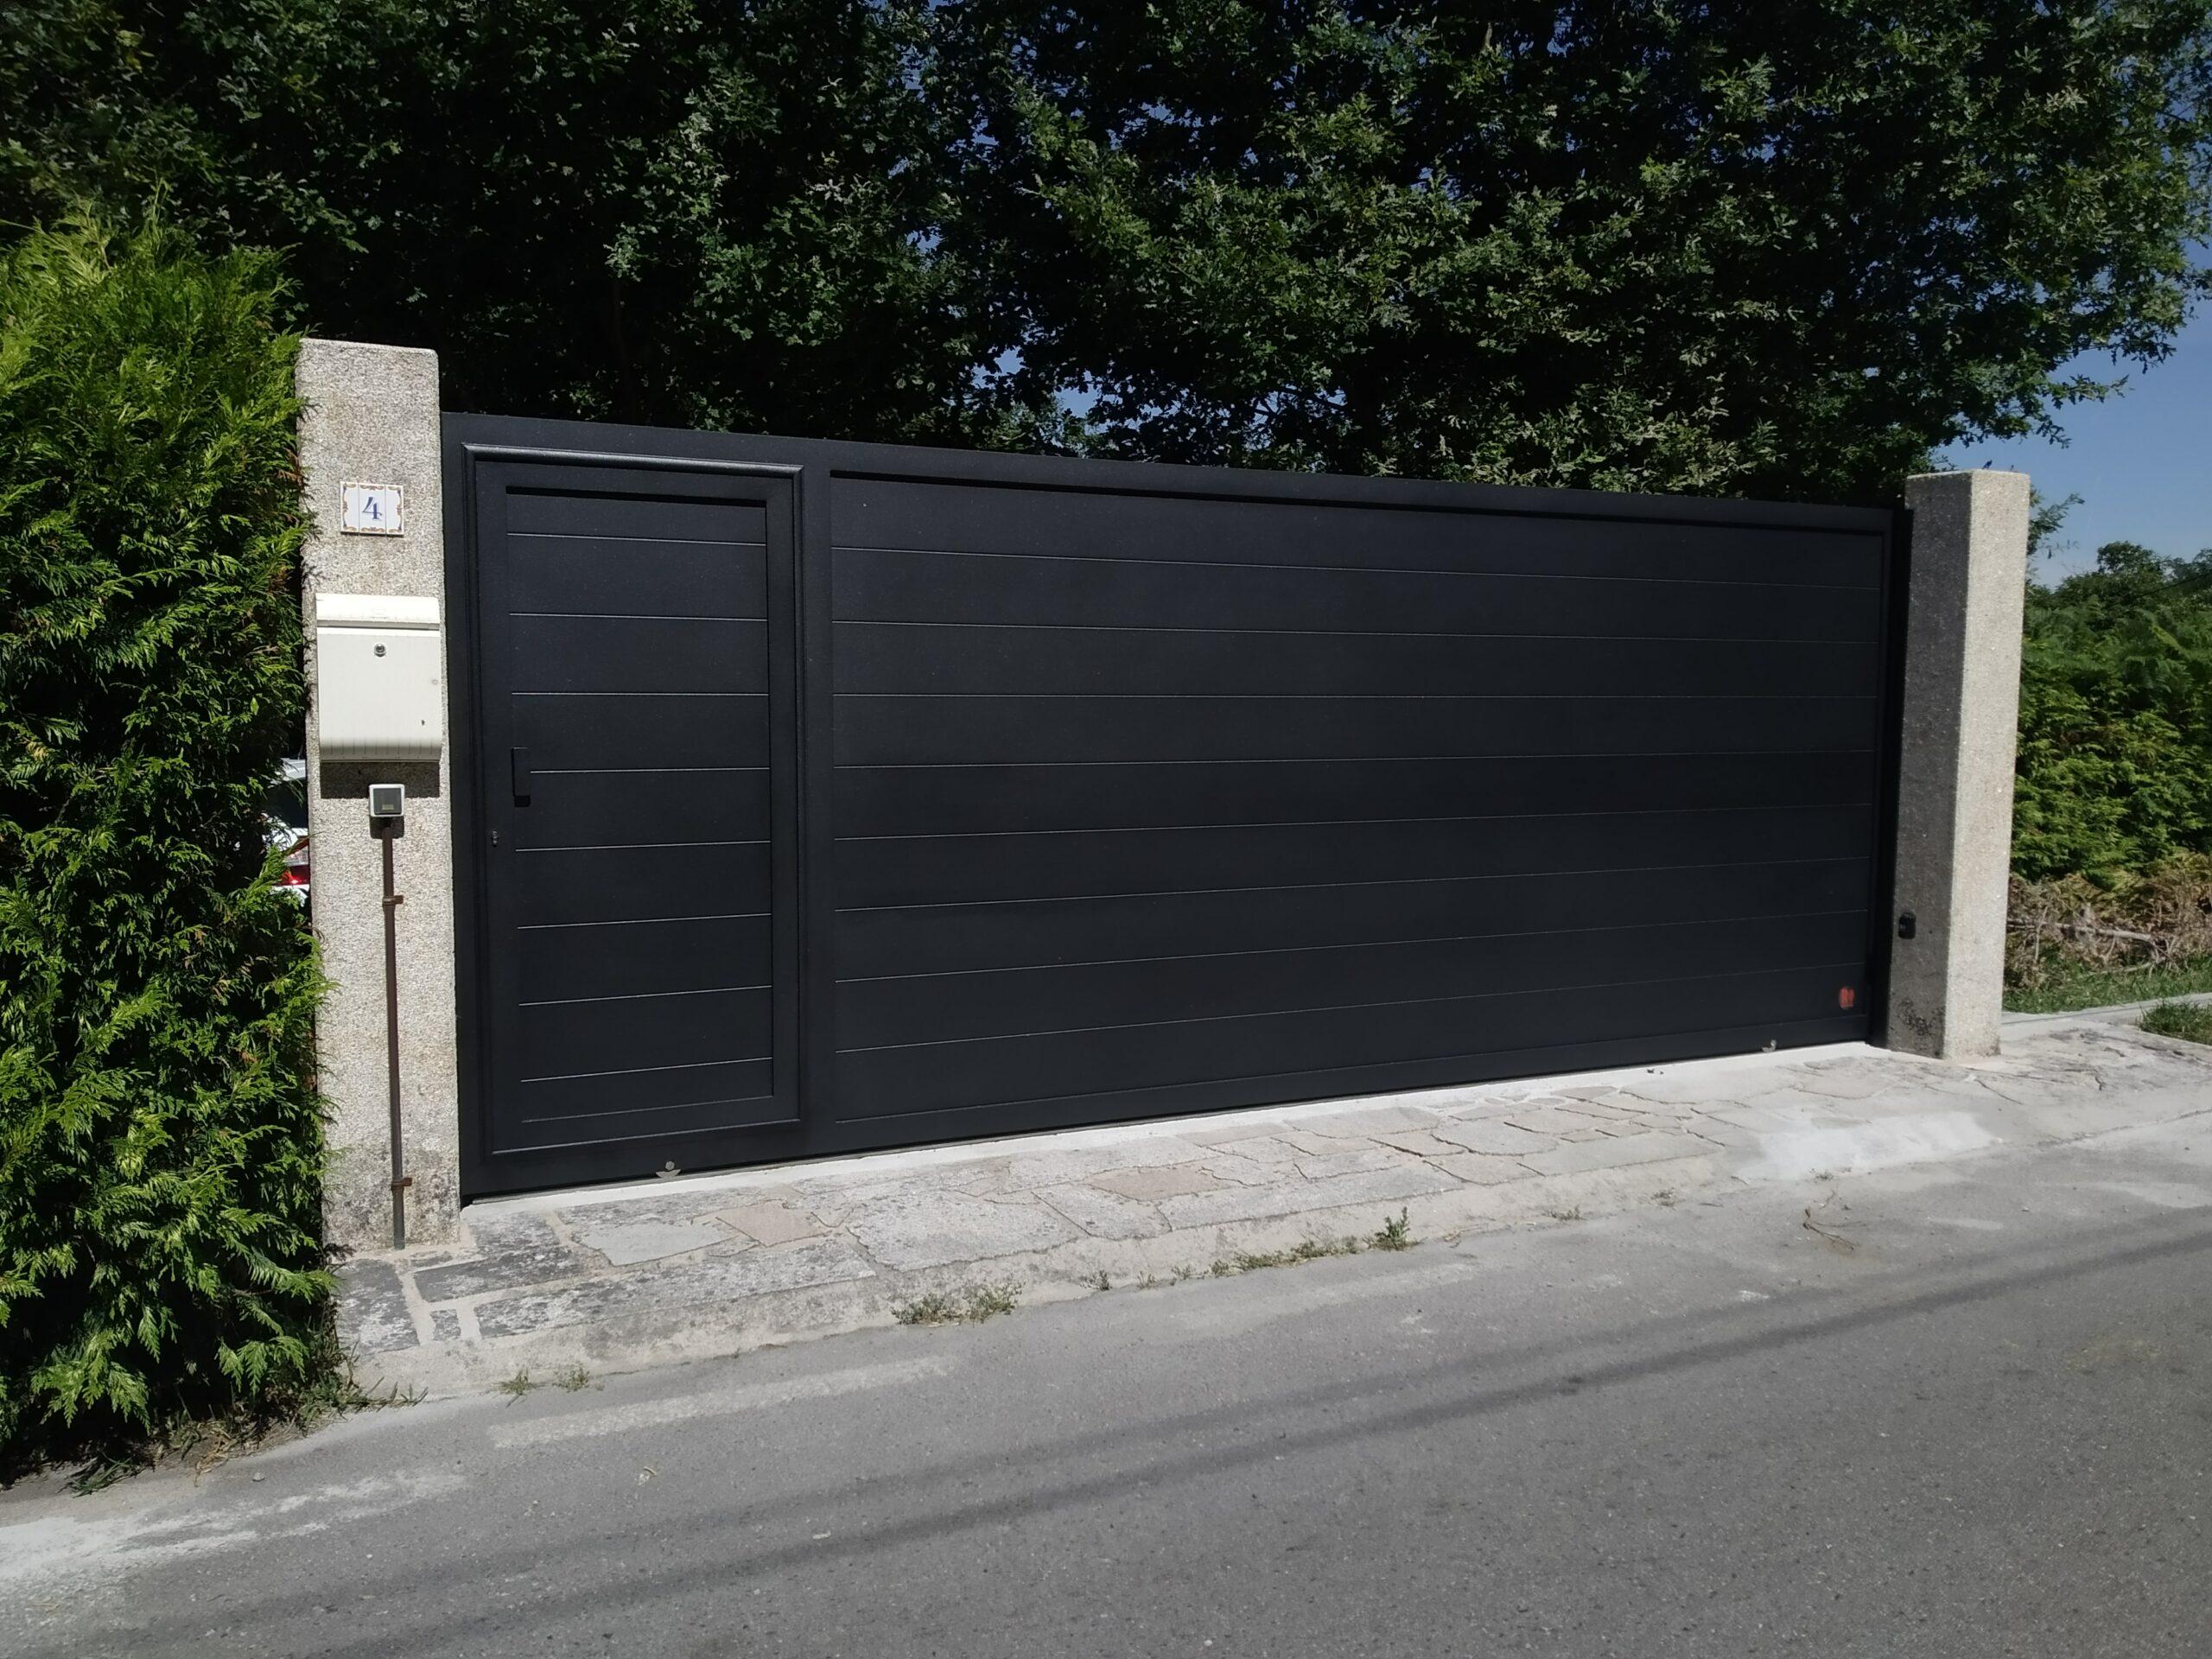 Portal de aluminio soldado en Cerponzóns (Pontevedra) 1